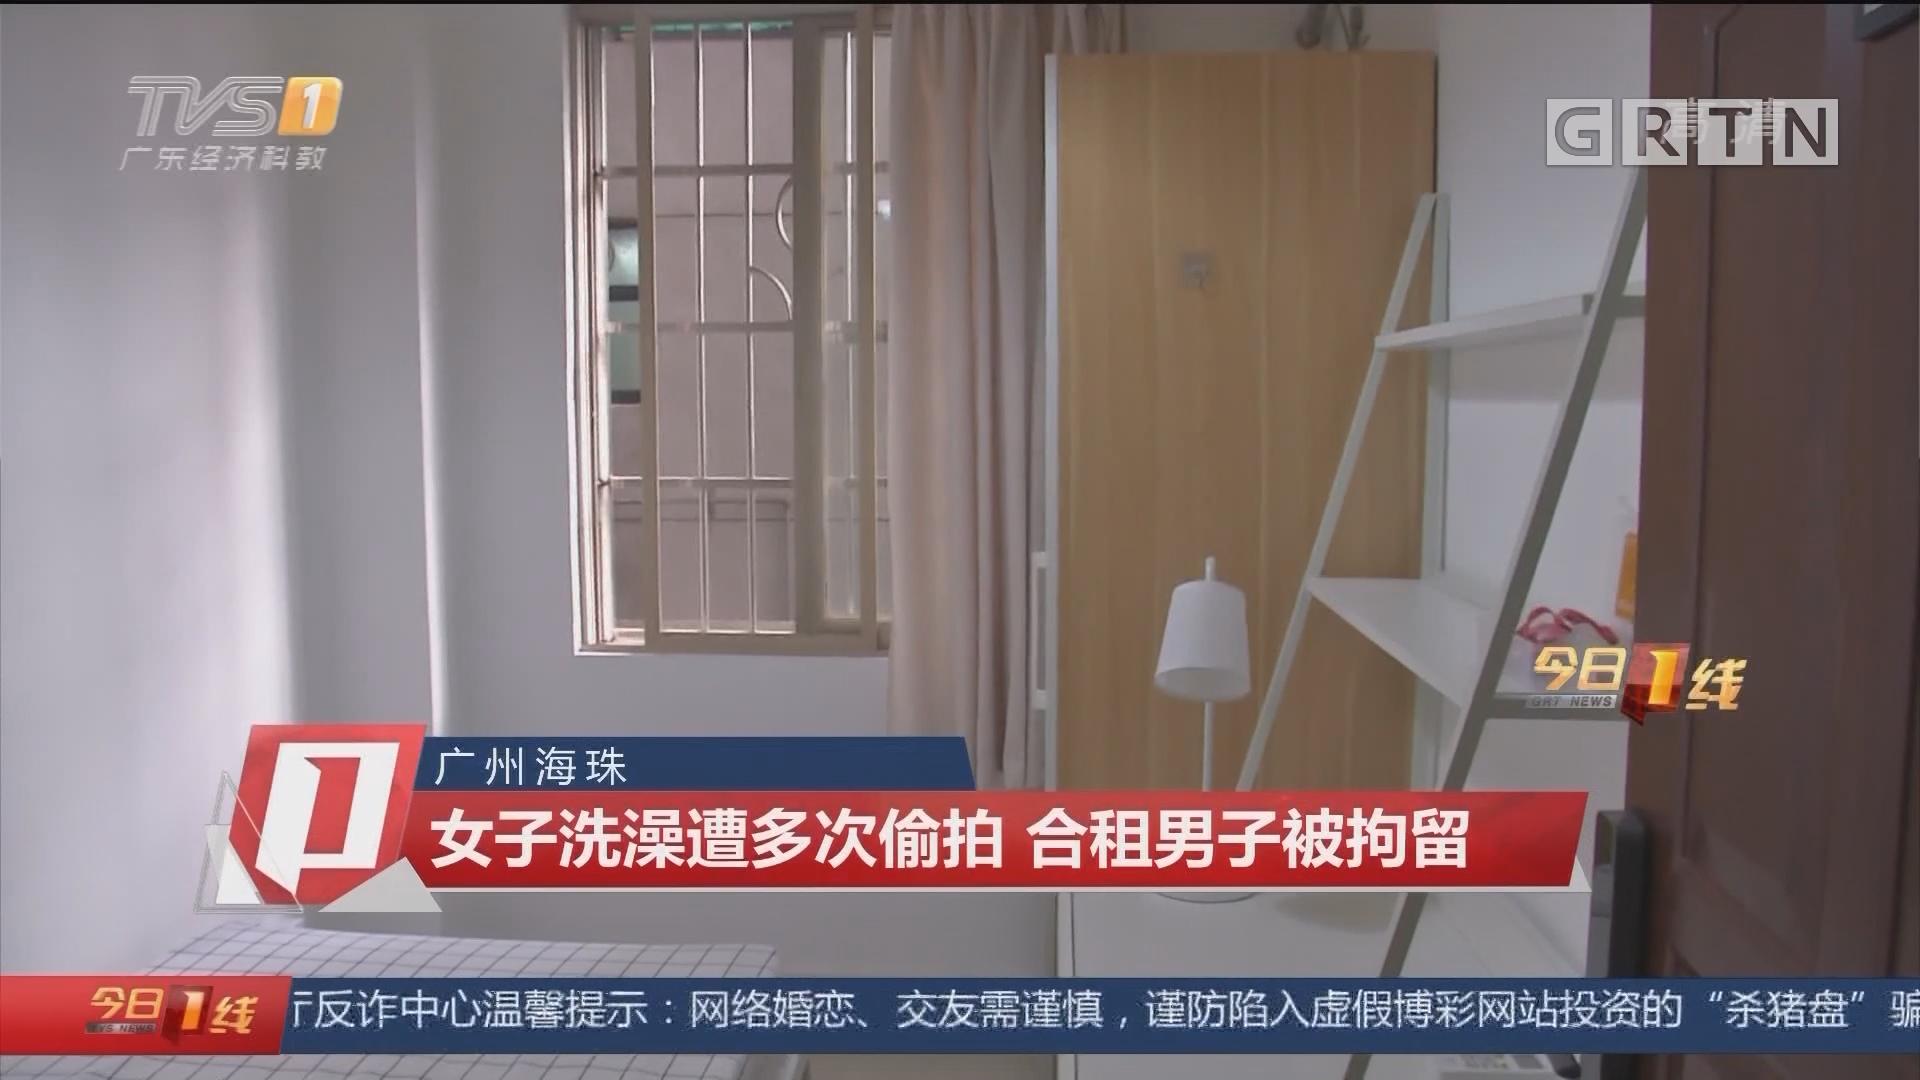 广州海珠:女子洗澡遭多次偷拍 合租男子被拘留